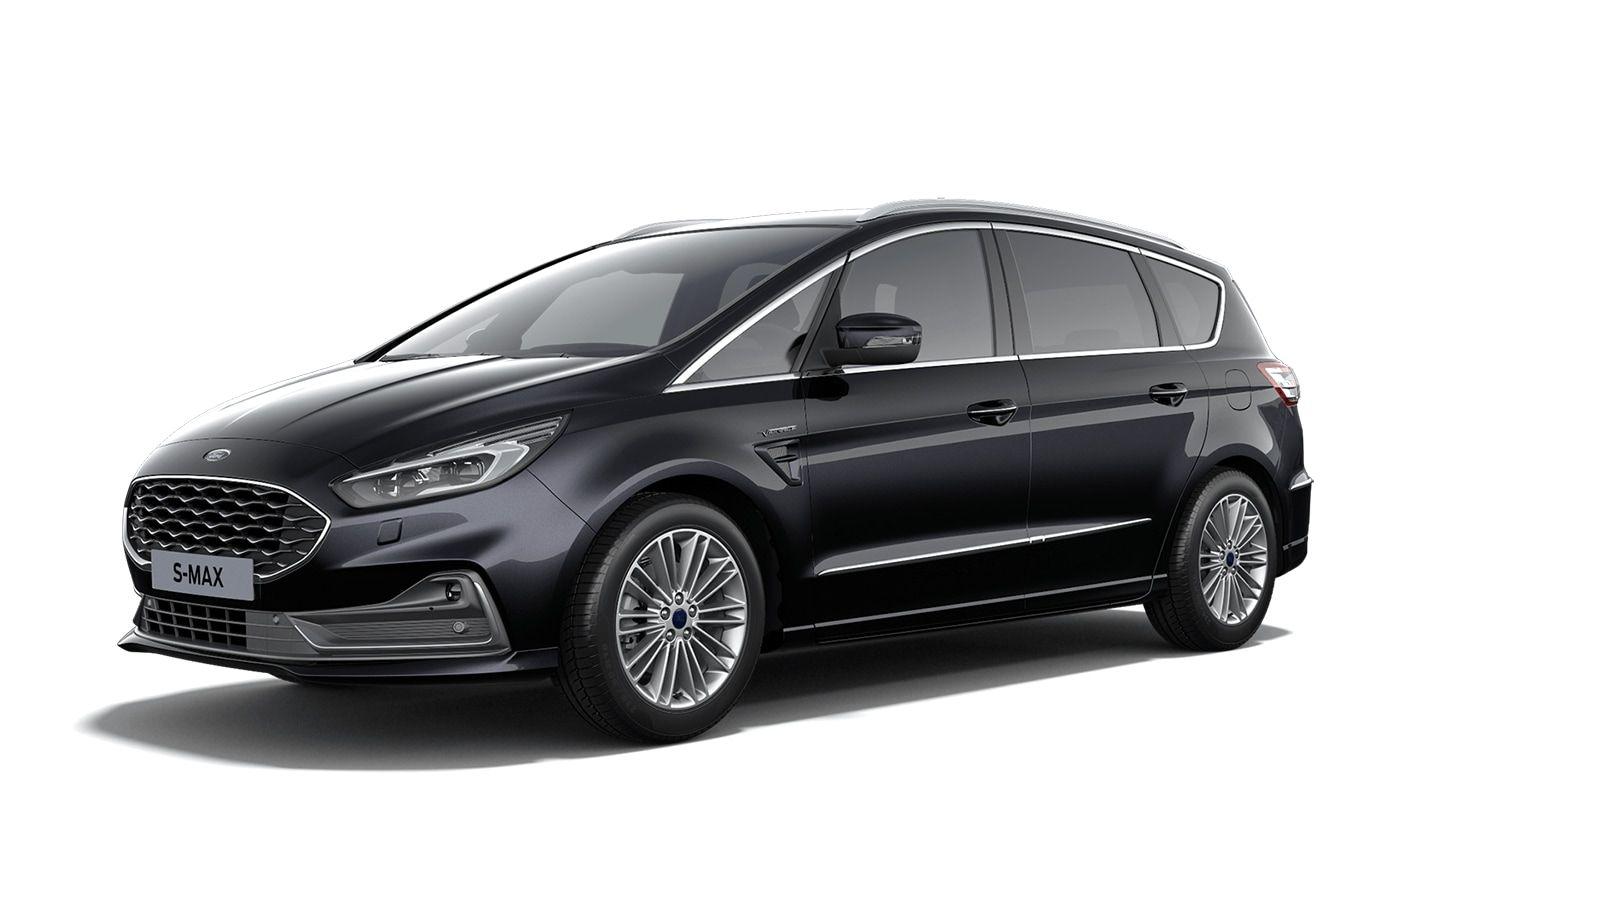 """Demo Ford S-max Vignale 2.5i HEV 190pk / 140kW HF45aut - 5d 9I6 - """"Agate Black Vignale"""" metaalkleur 1"""